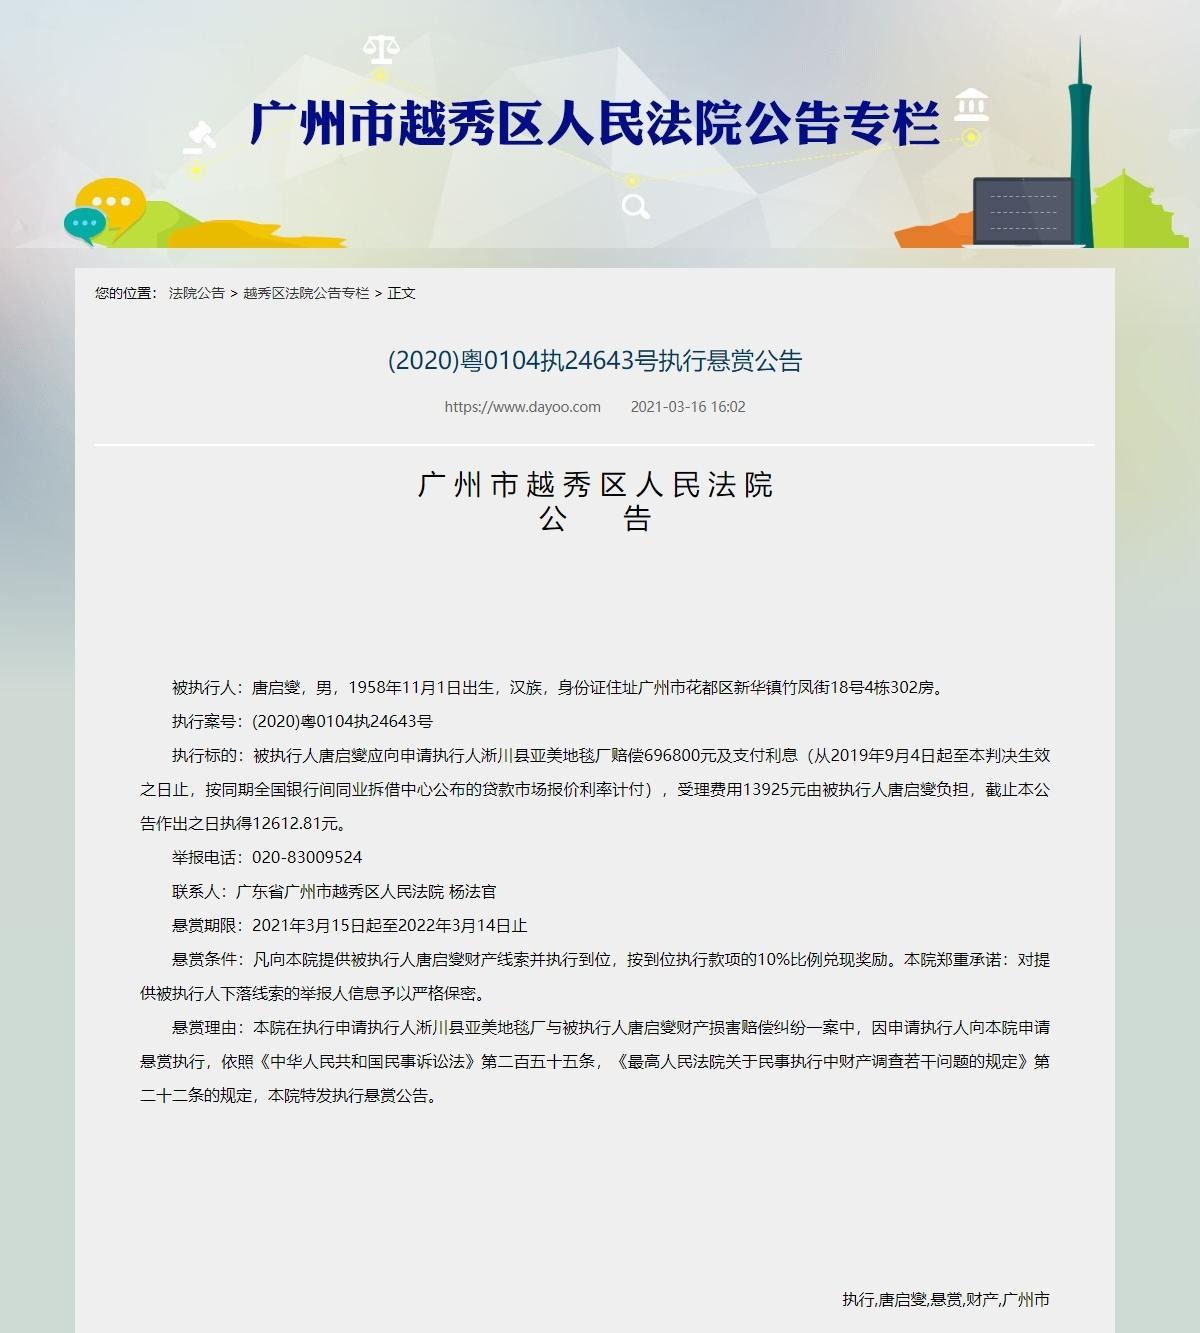 Tang Qixie's reward for Informer: 100000 yuan in cash 5